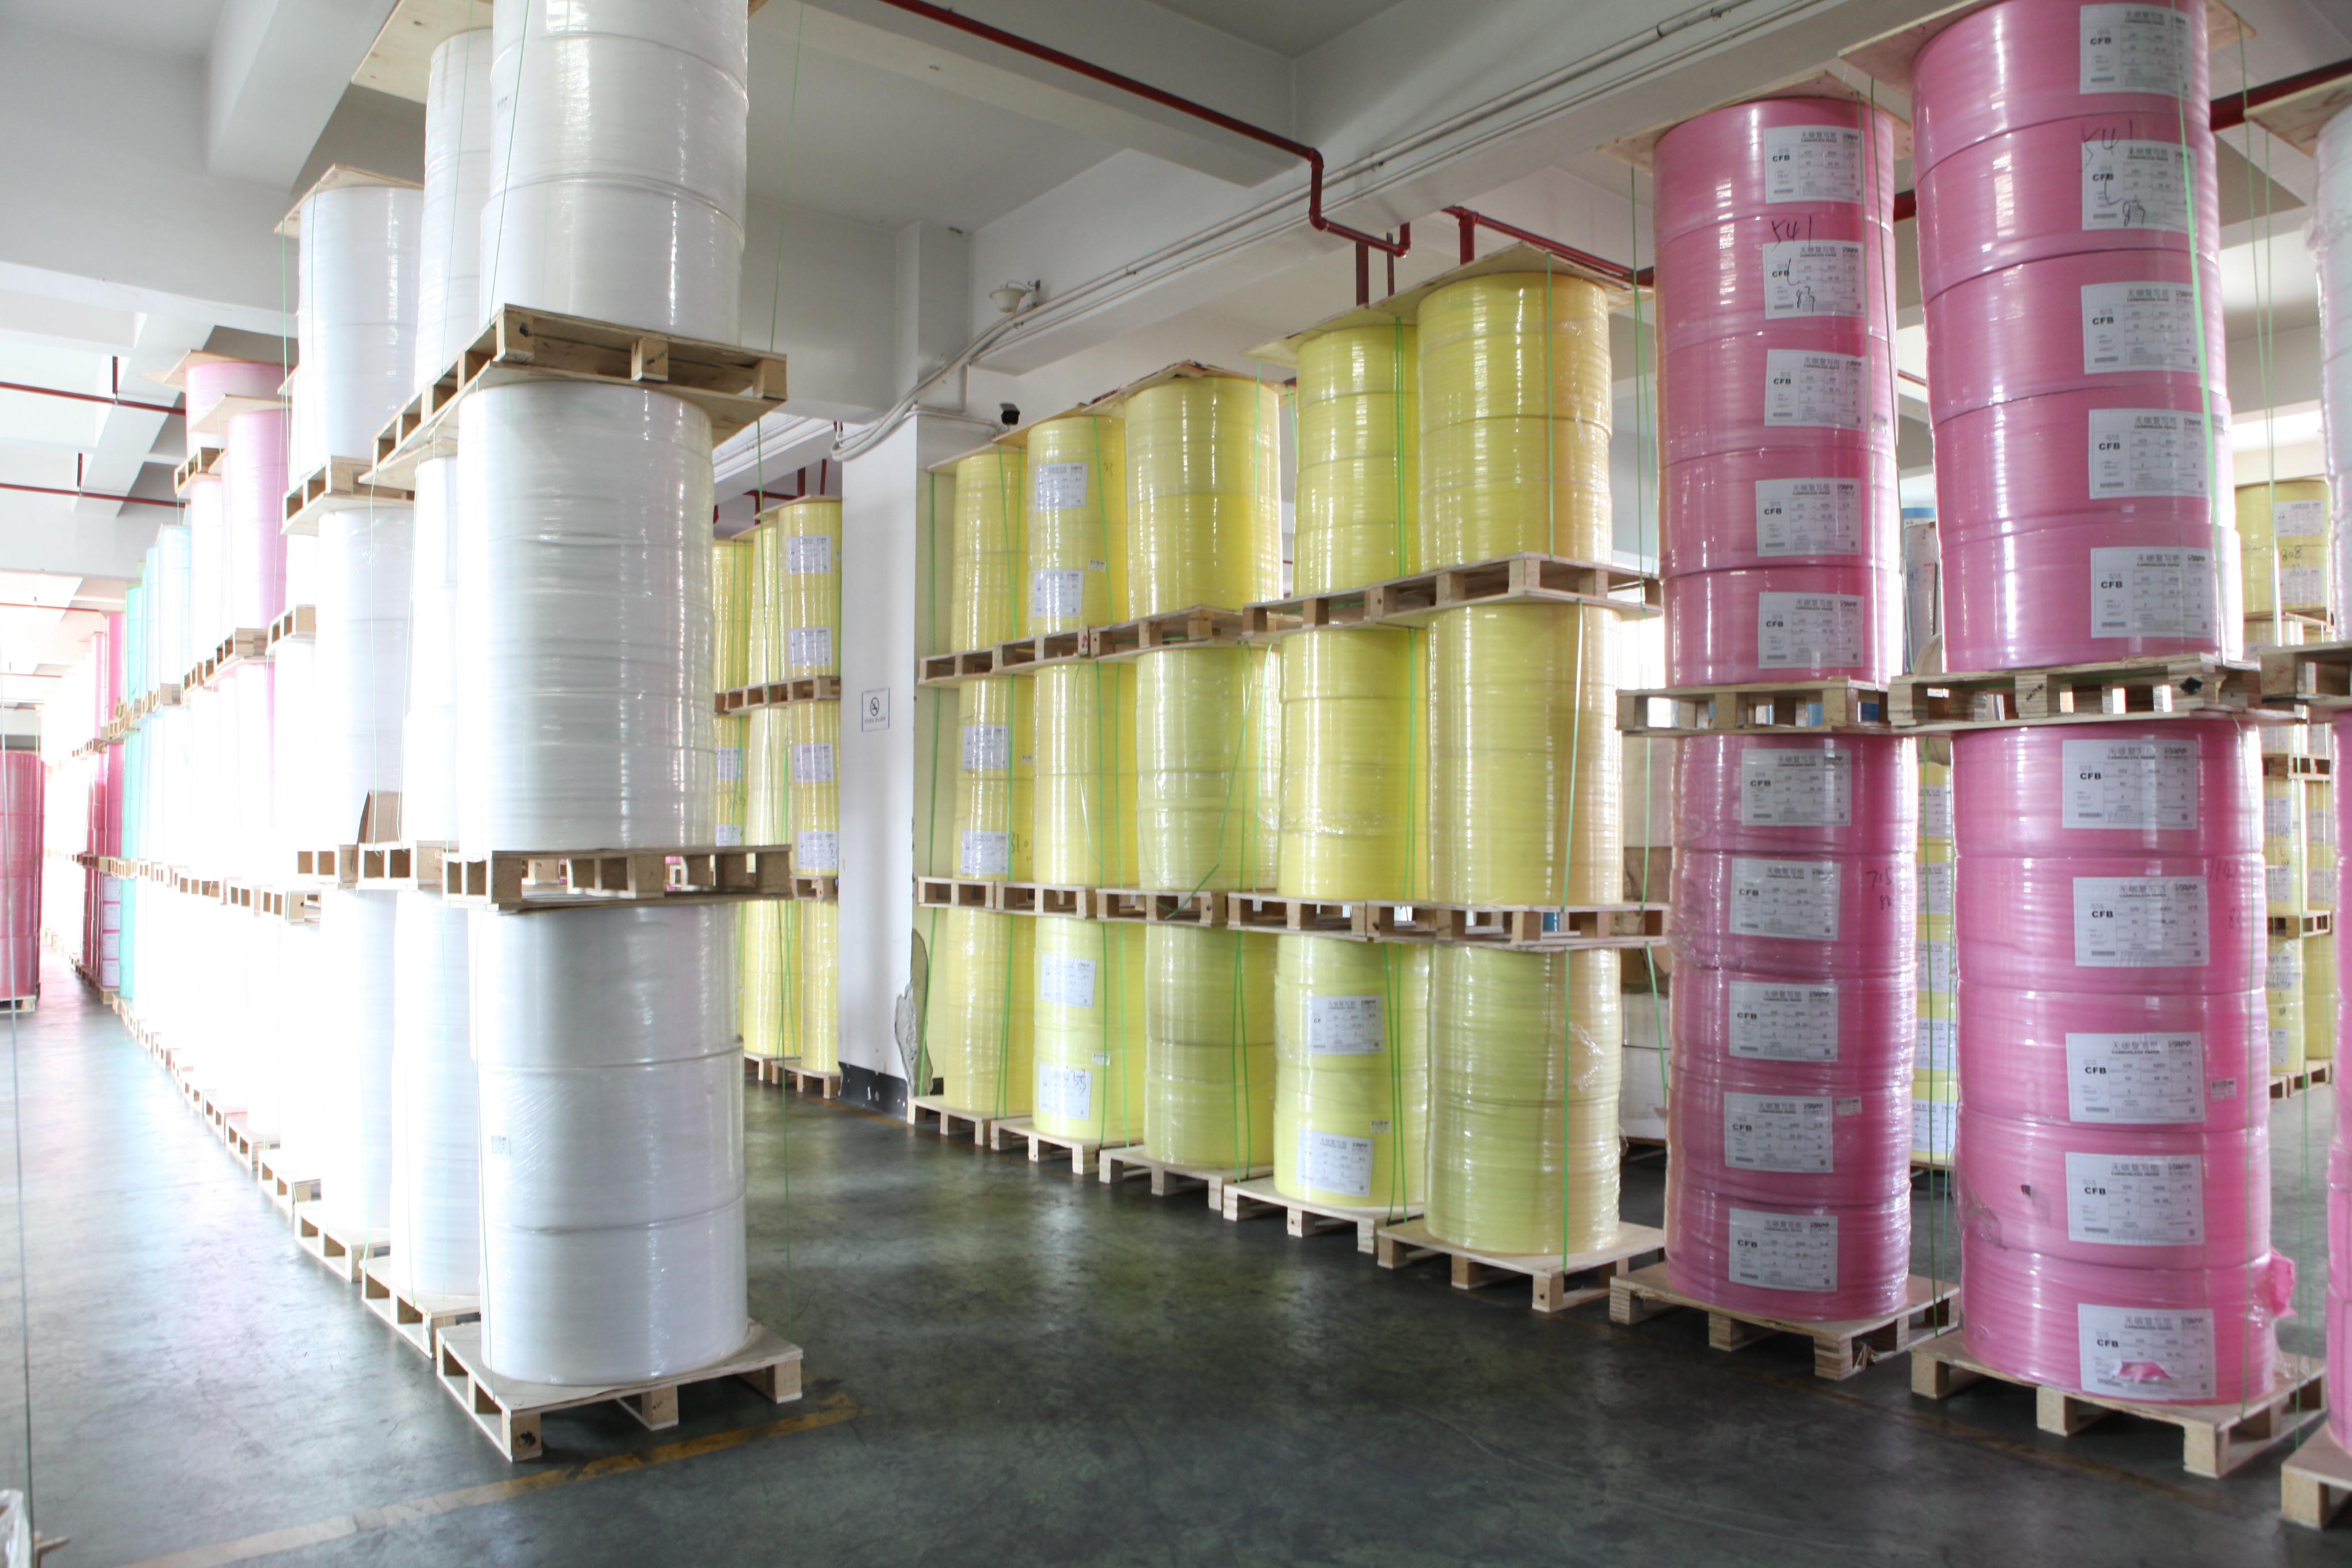 Китайский производитель, 3 штуки, безкарбоновая компьютерная бумага NCR, бумажная форма, копии для печати счетов